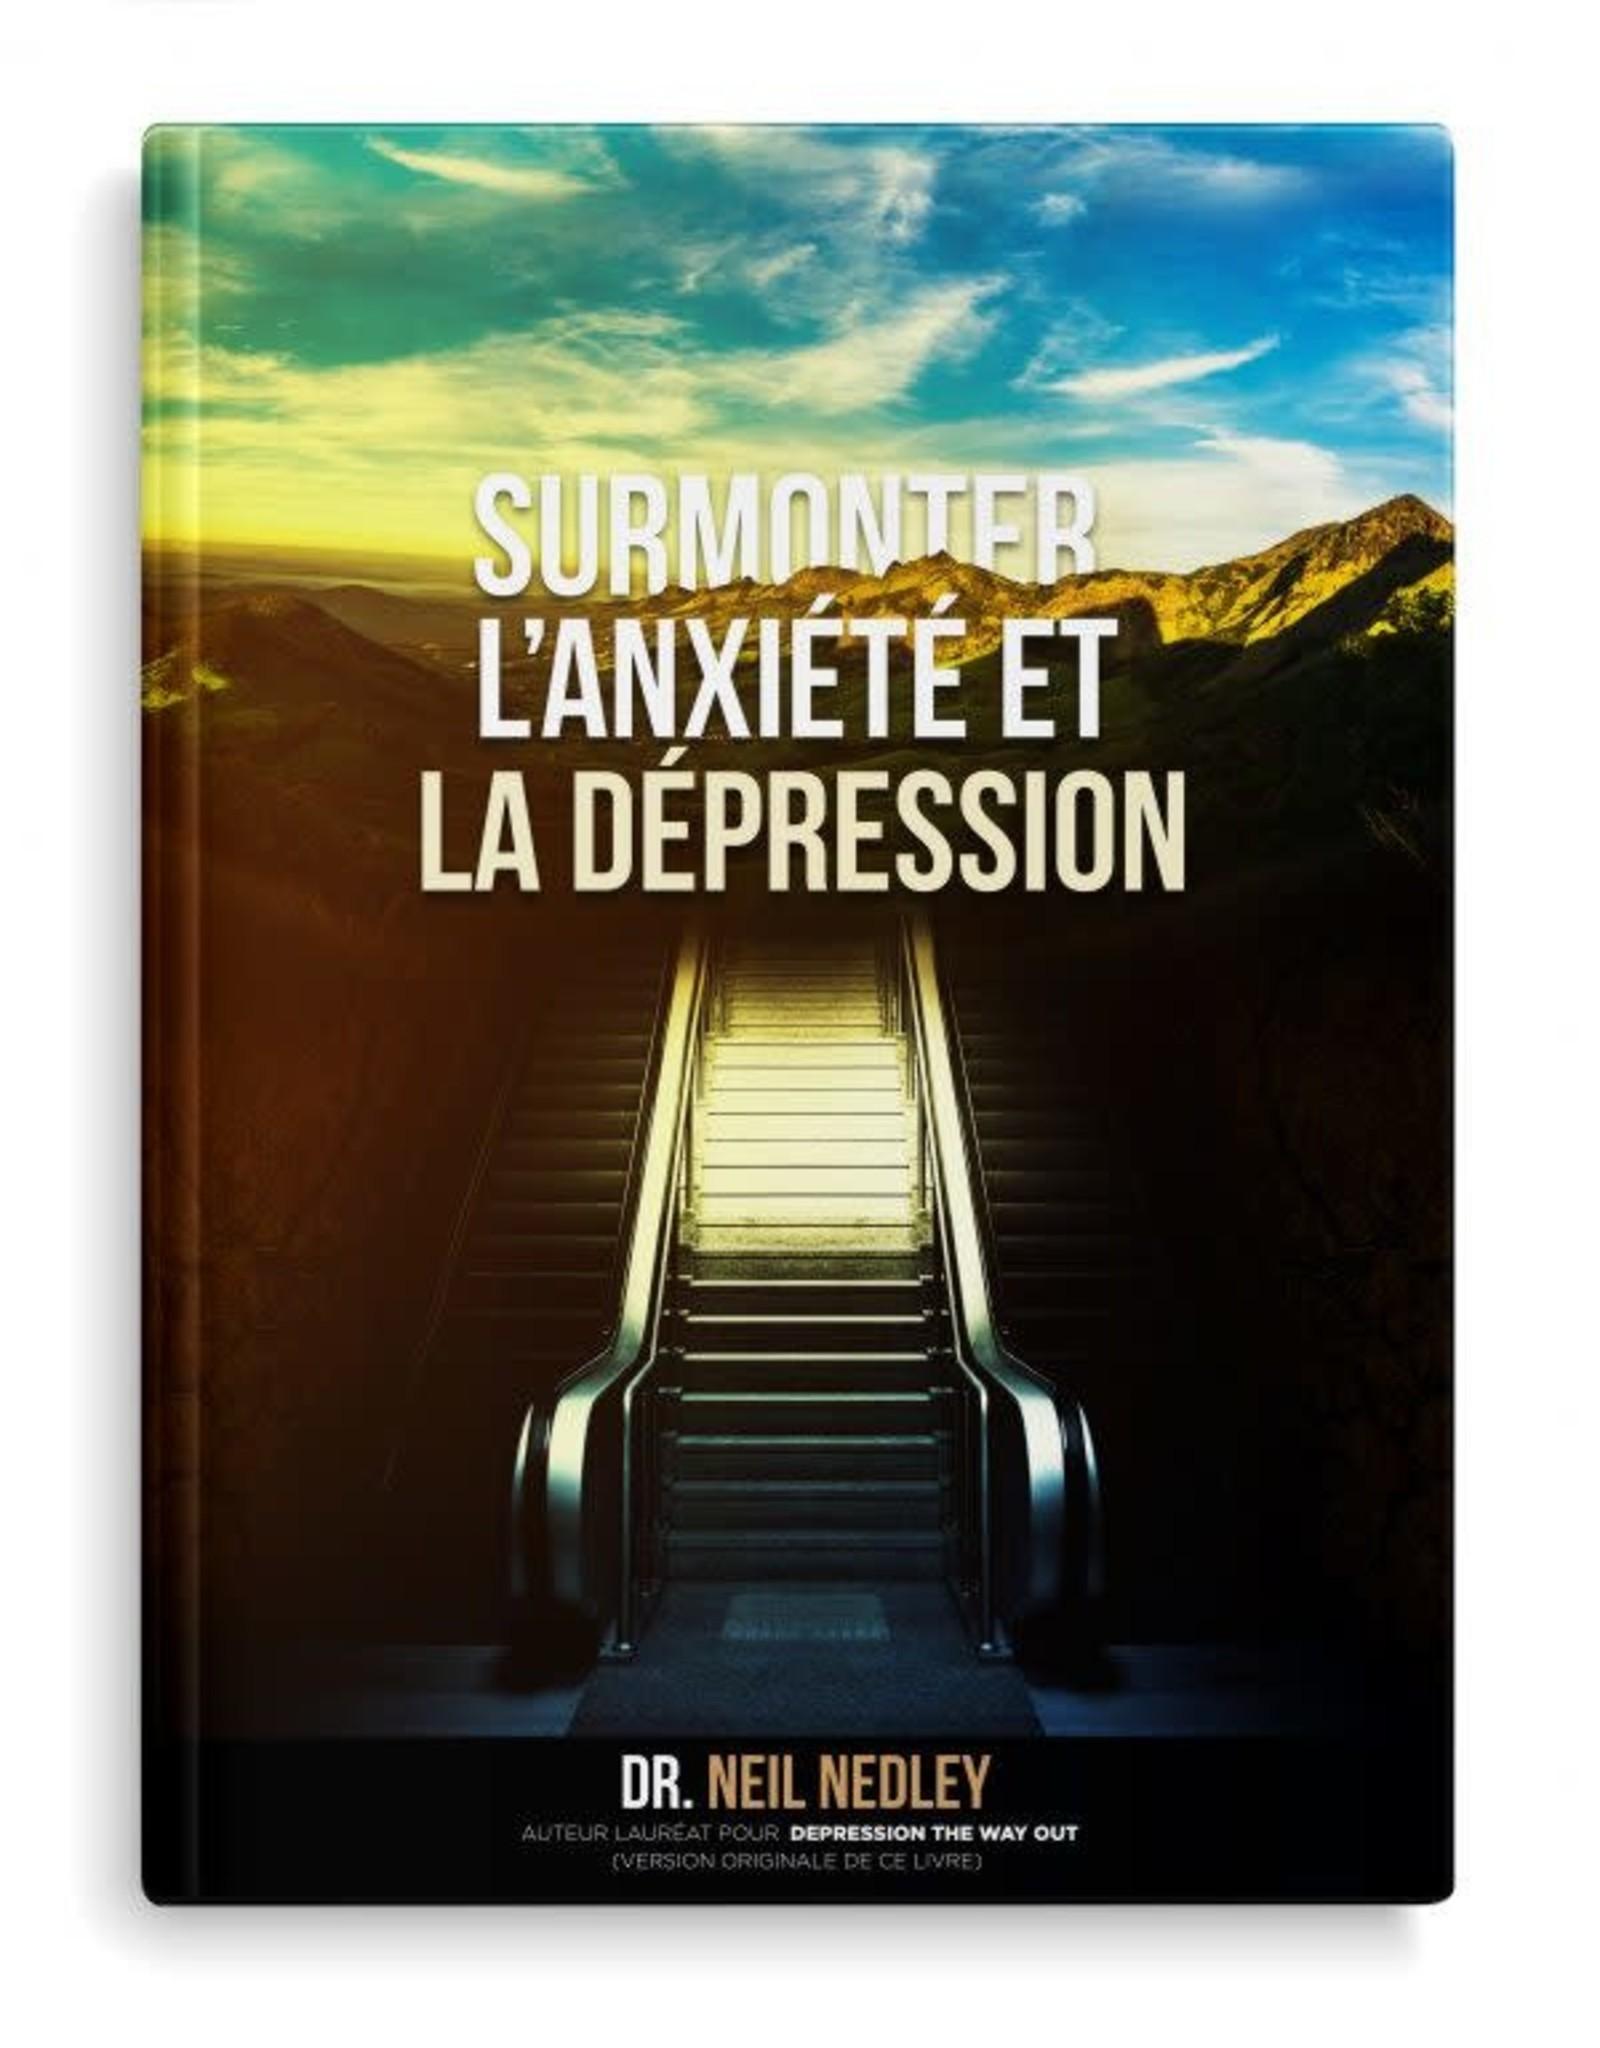 Dr Neil Nedley Surmonter l'axiété et la dépression -livre